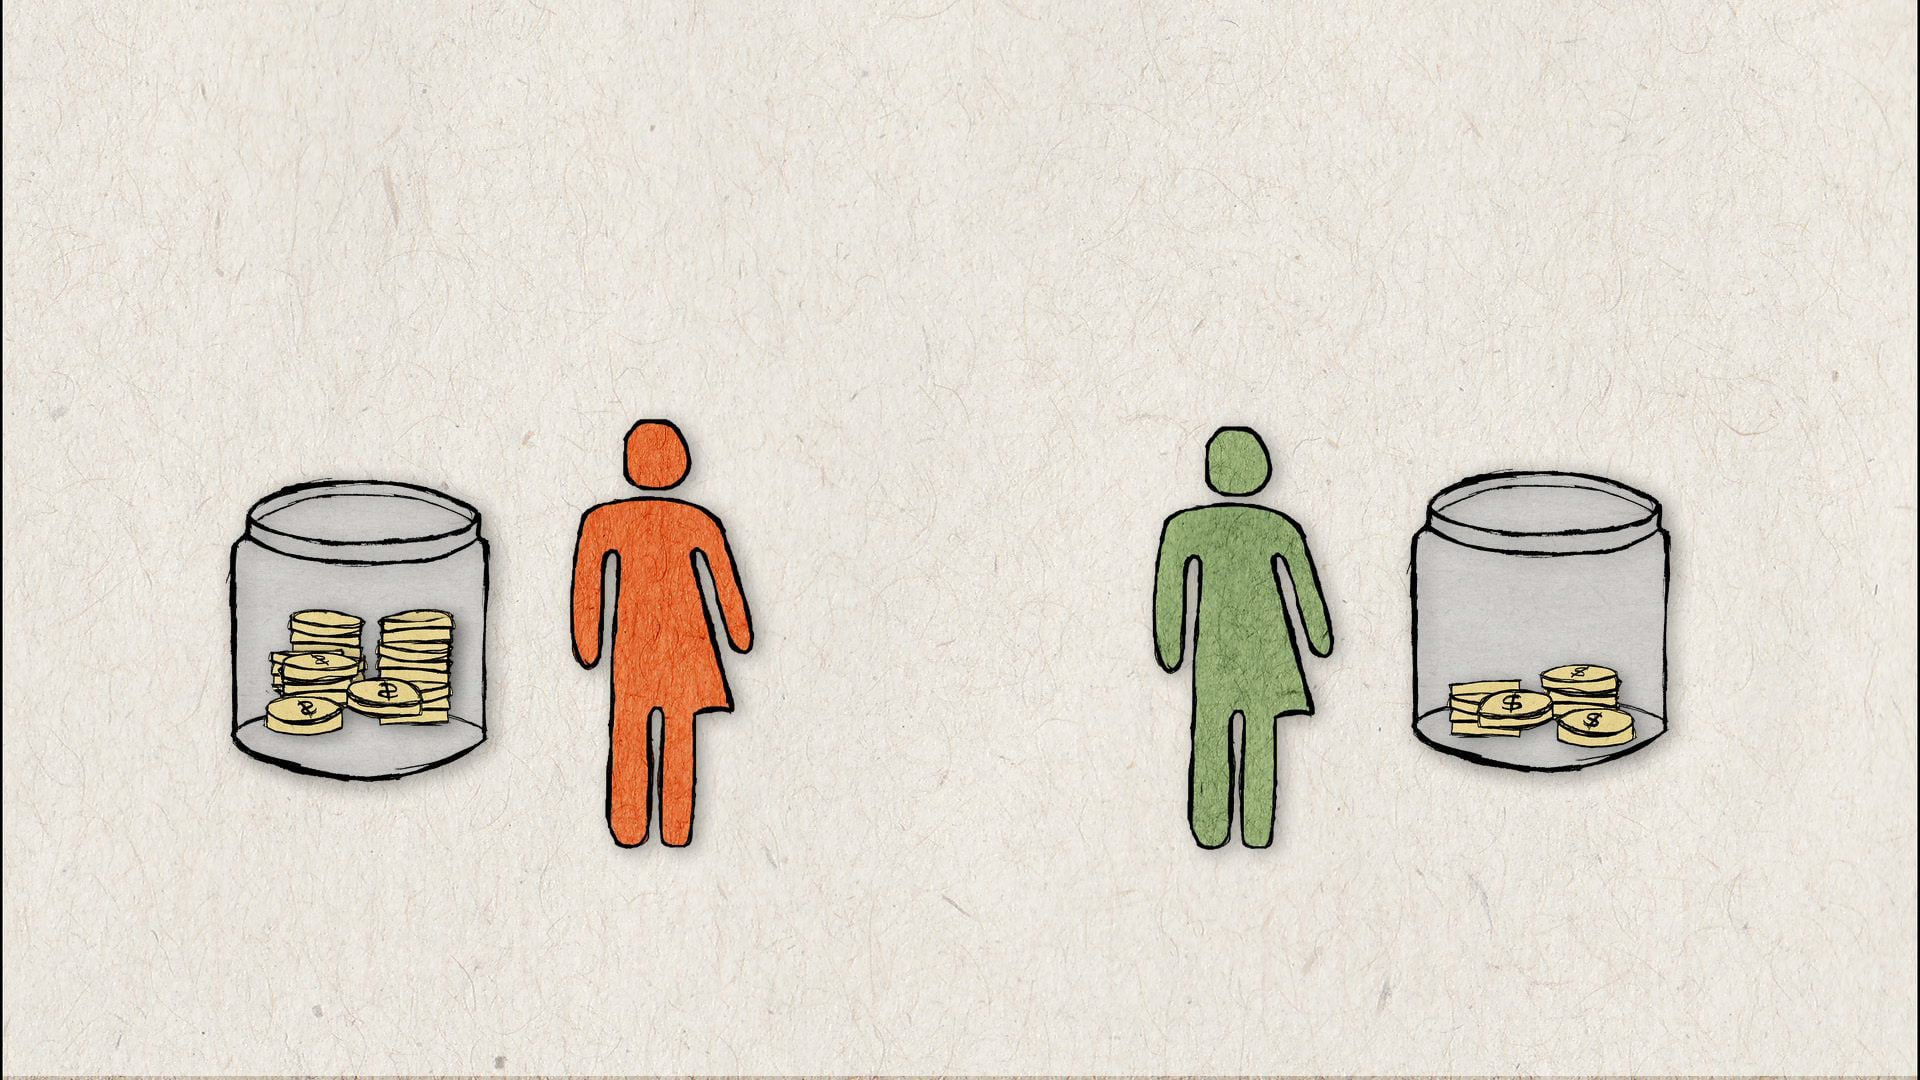 Amour et argent peuvent faire bon ménage - Chapitre 3 : Conséquences d'une rupture selon le type d'union